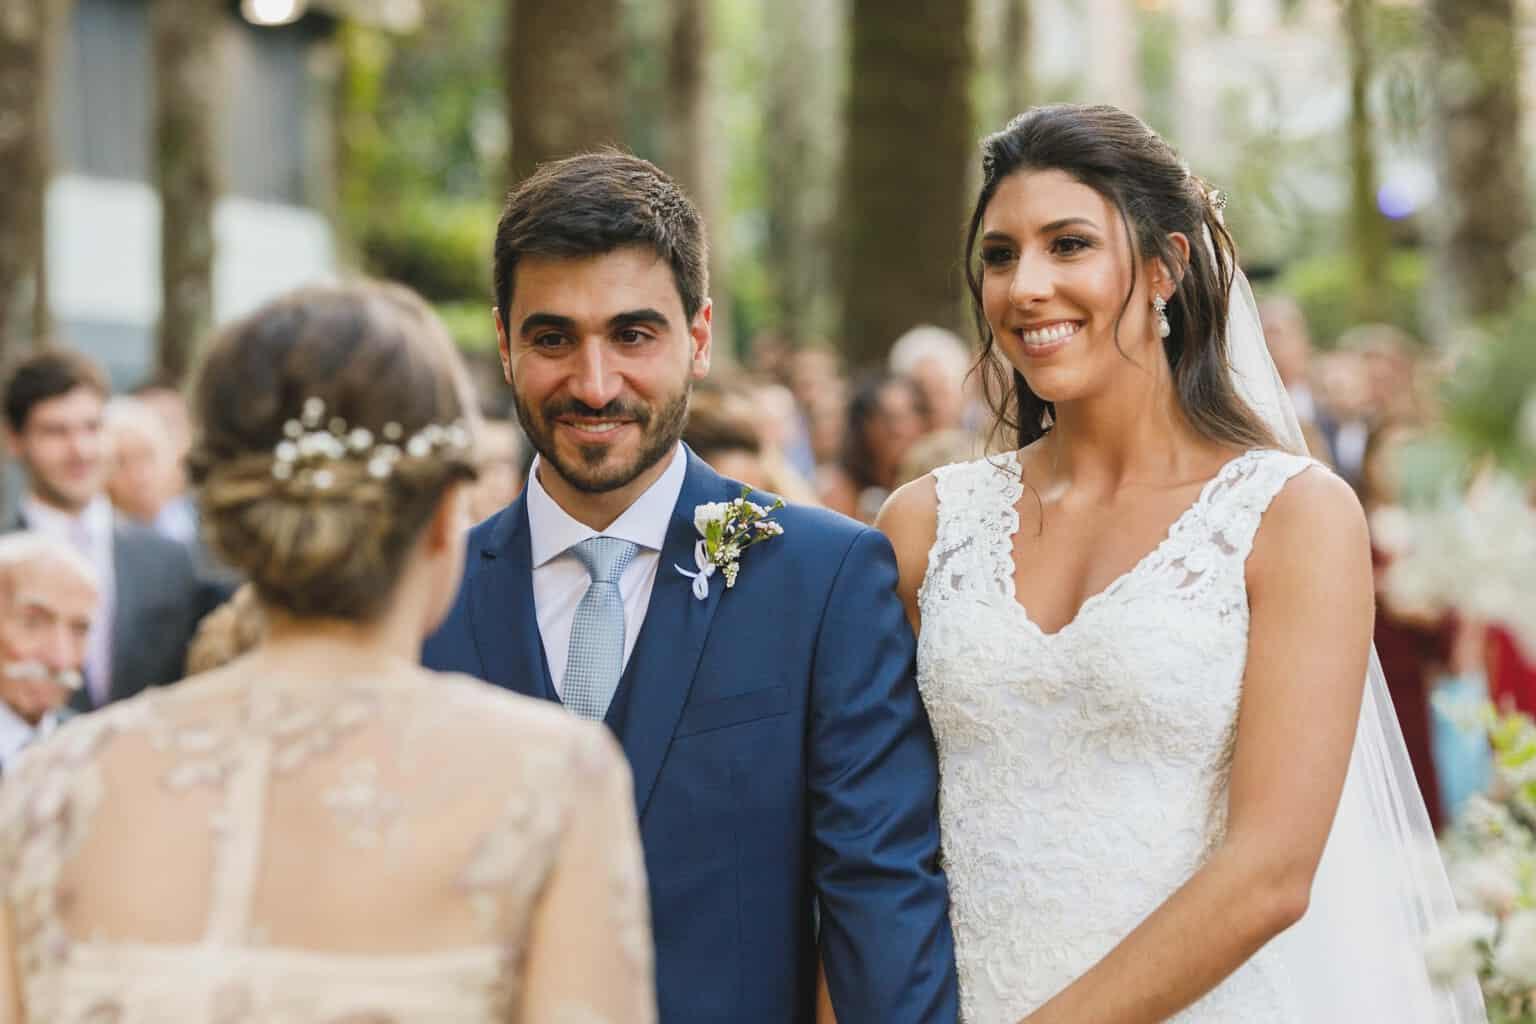 casamento-na-Fazenda-Vila-Rica-cerimonia-ao-ar-livre-cerimonial-Ana-Paula-Tabet-Fotografia-Euka-Weddings-Renata-e-Gabriel69